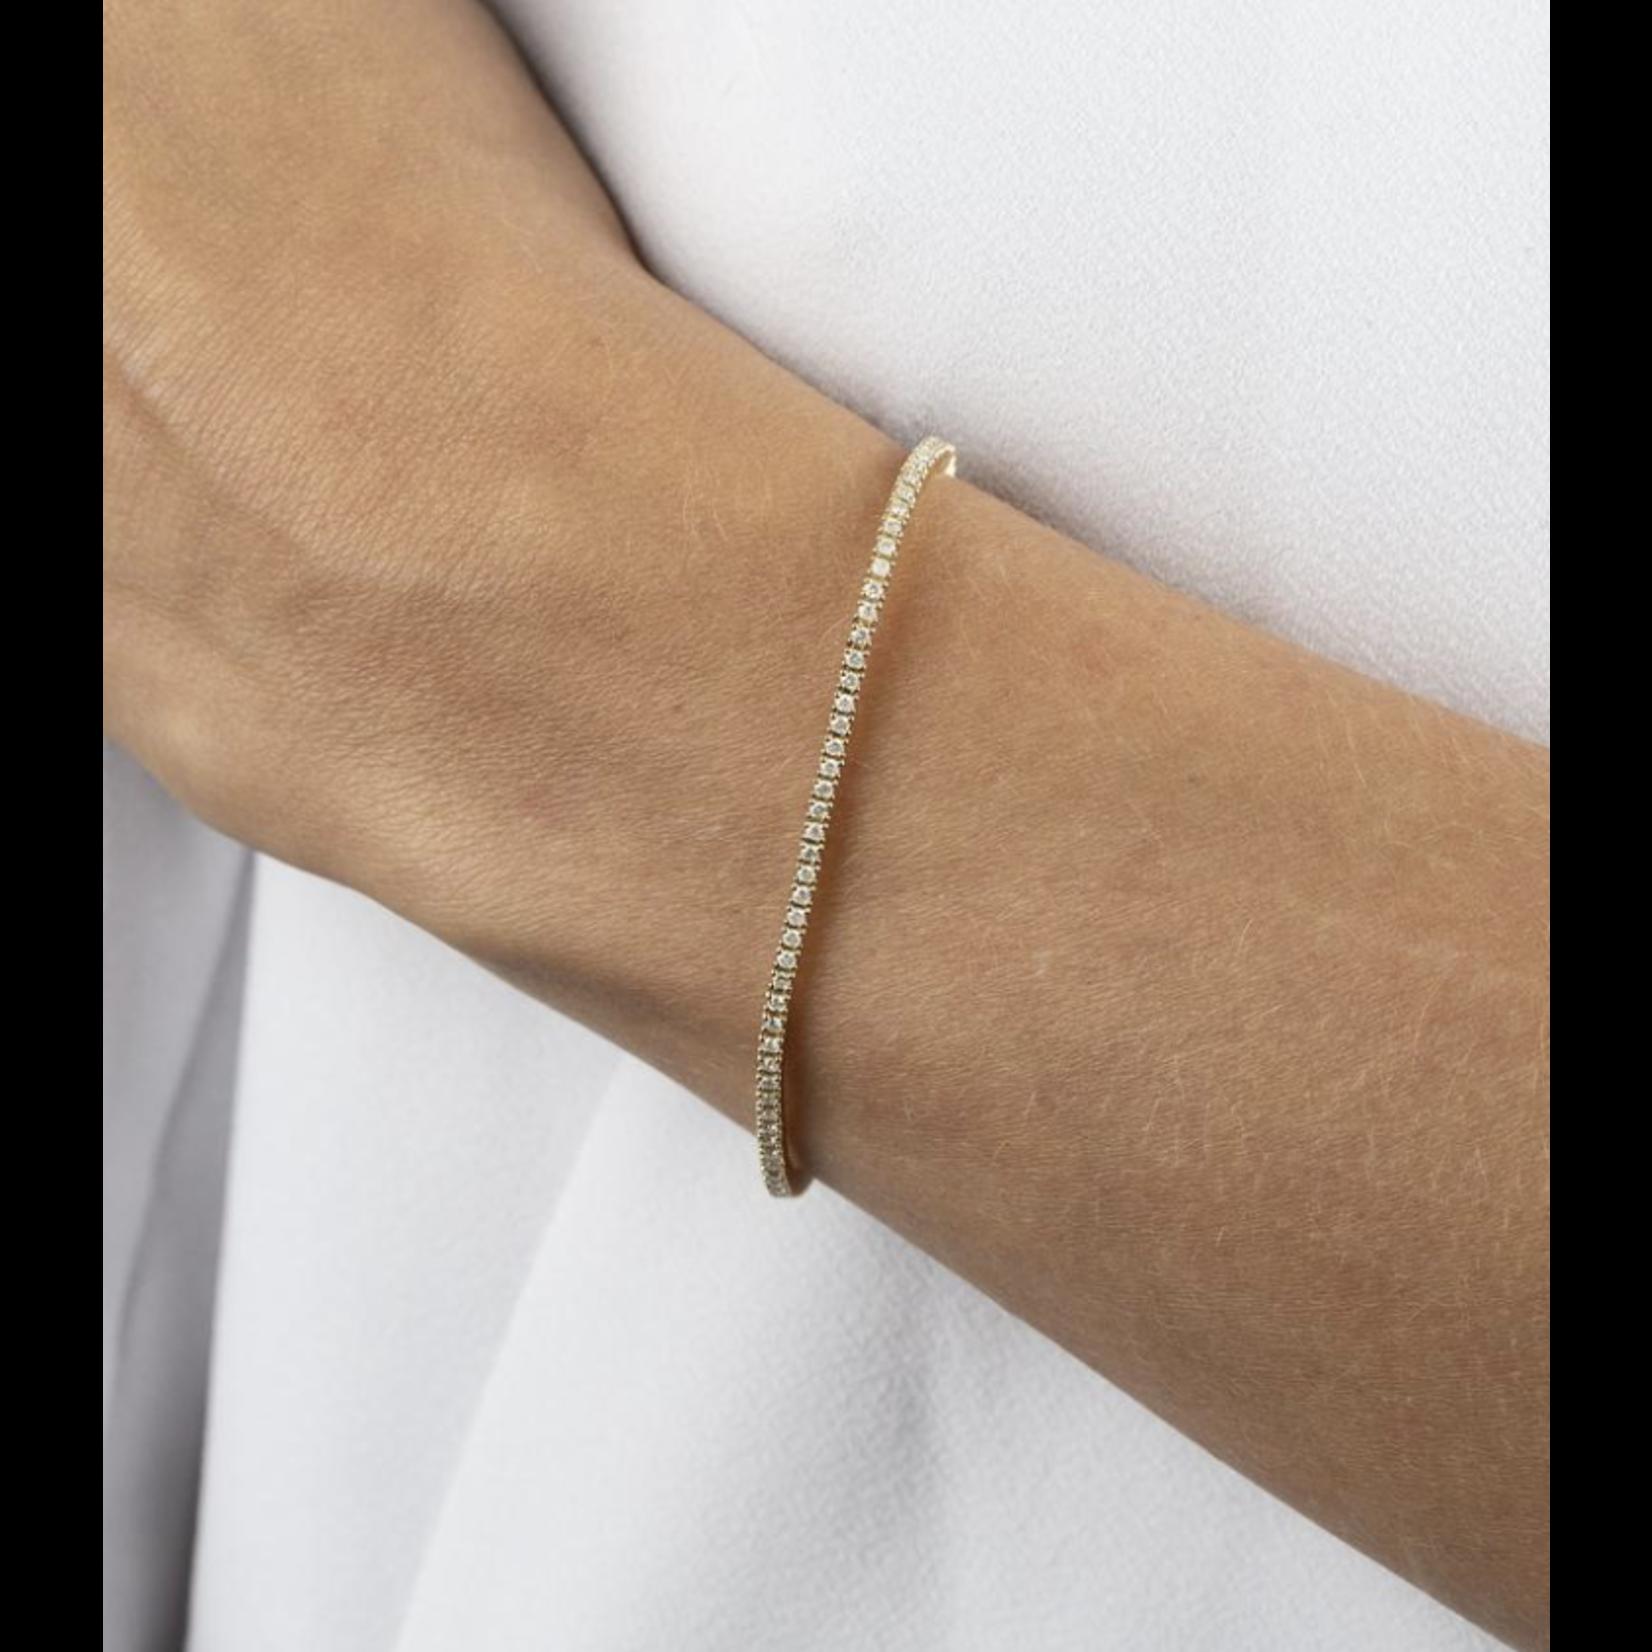 Adinas Diamond Thin Tennis Bracelet 14K 7 in